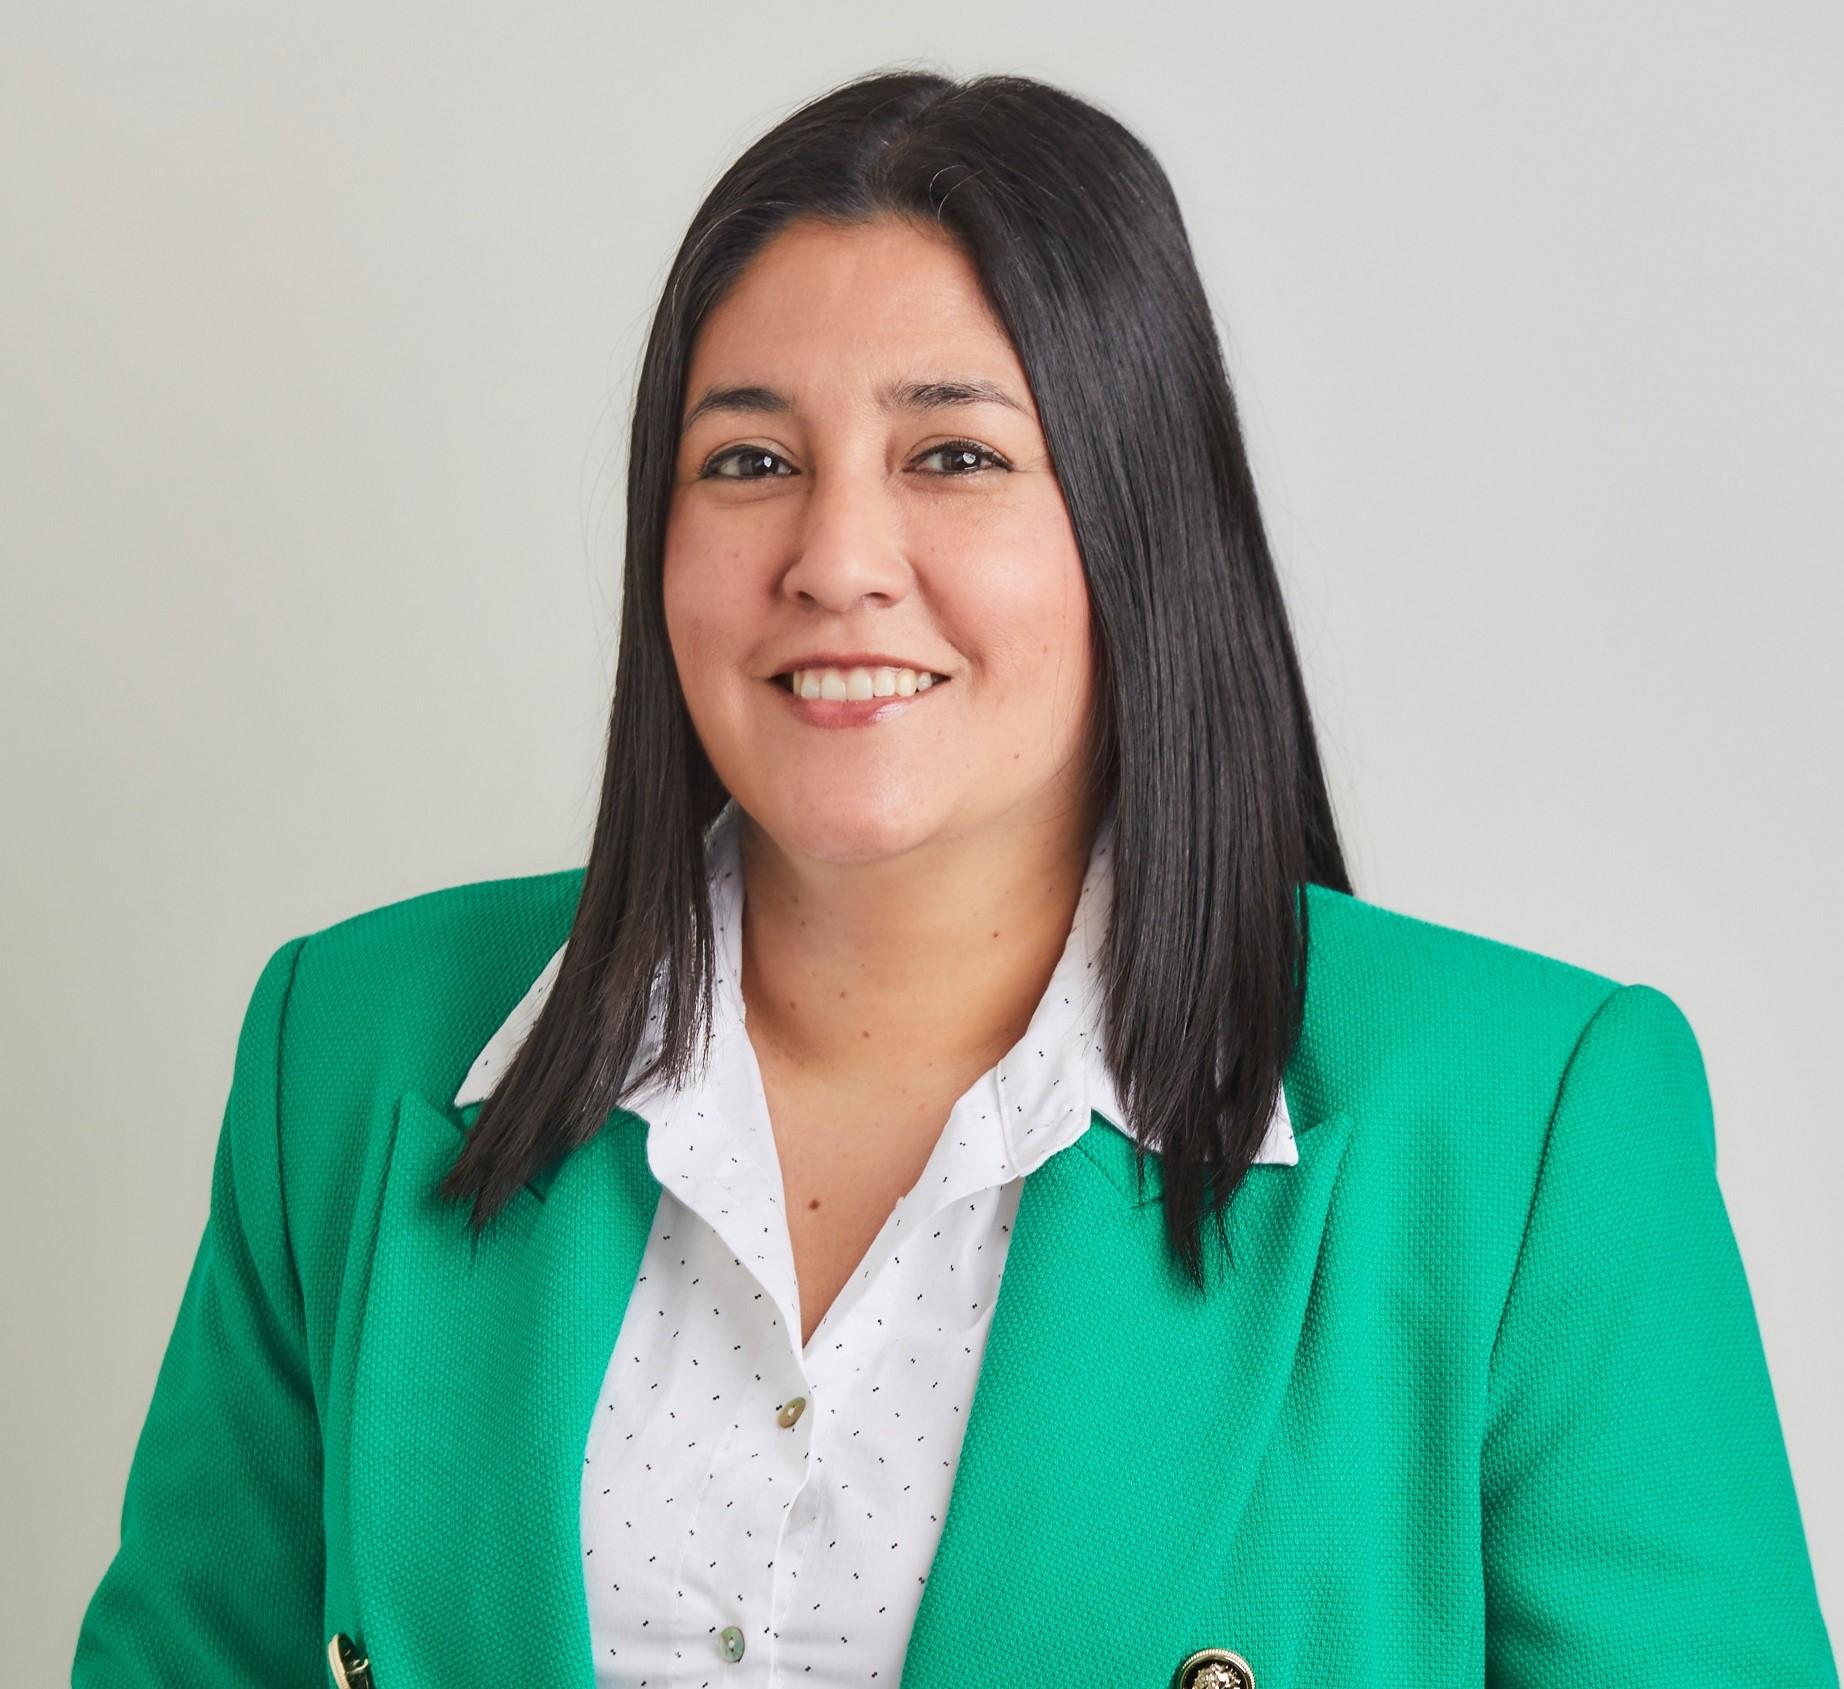 Katia Lack Delgado